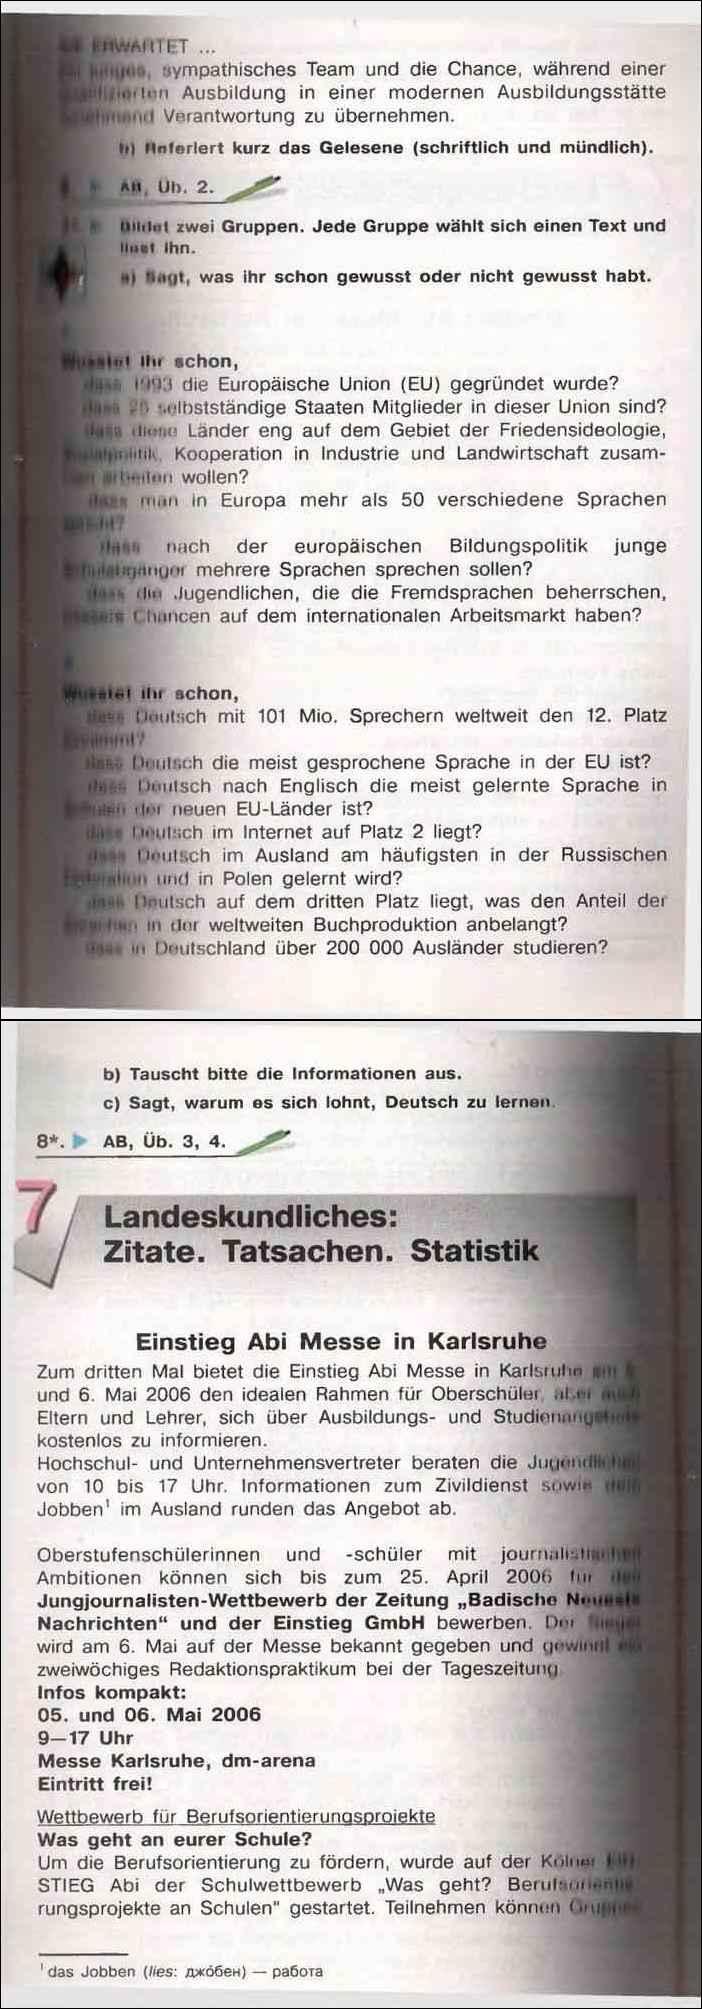 учебник немецкий язык 11 класс бим рыжова садомова лытаева